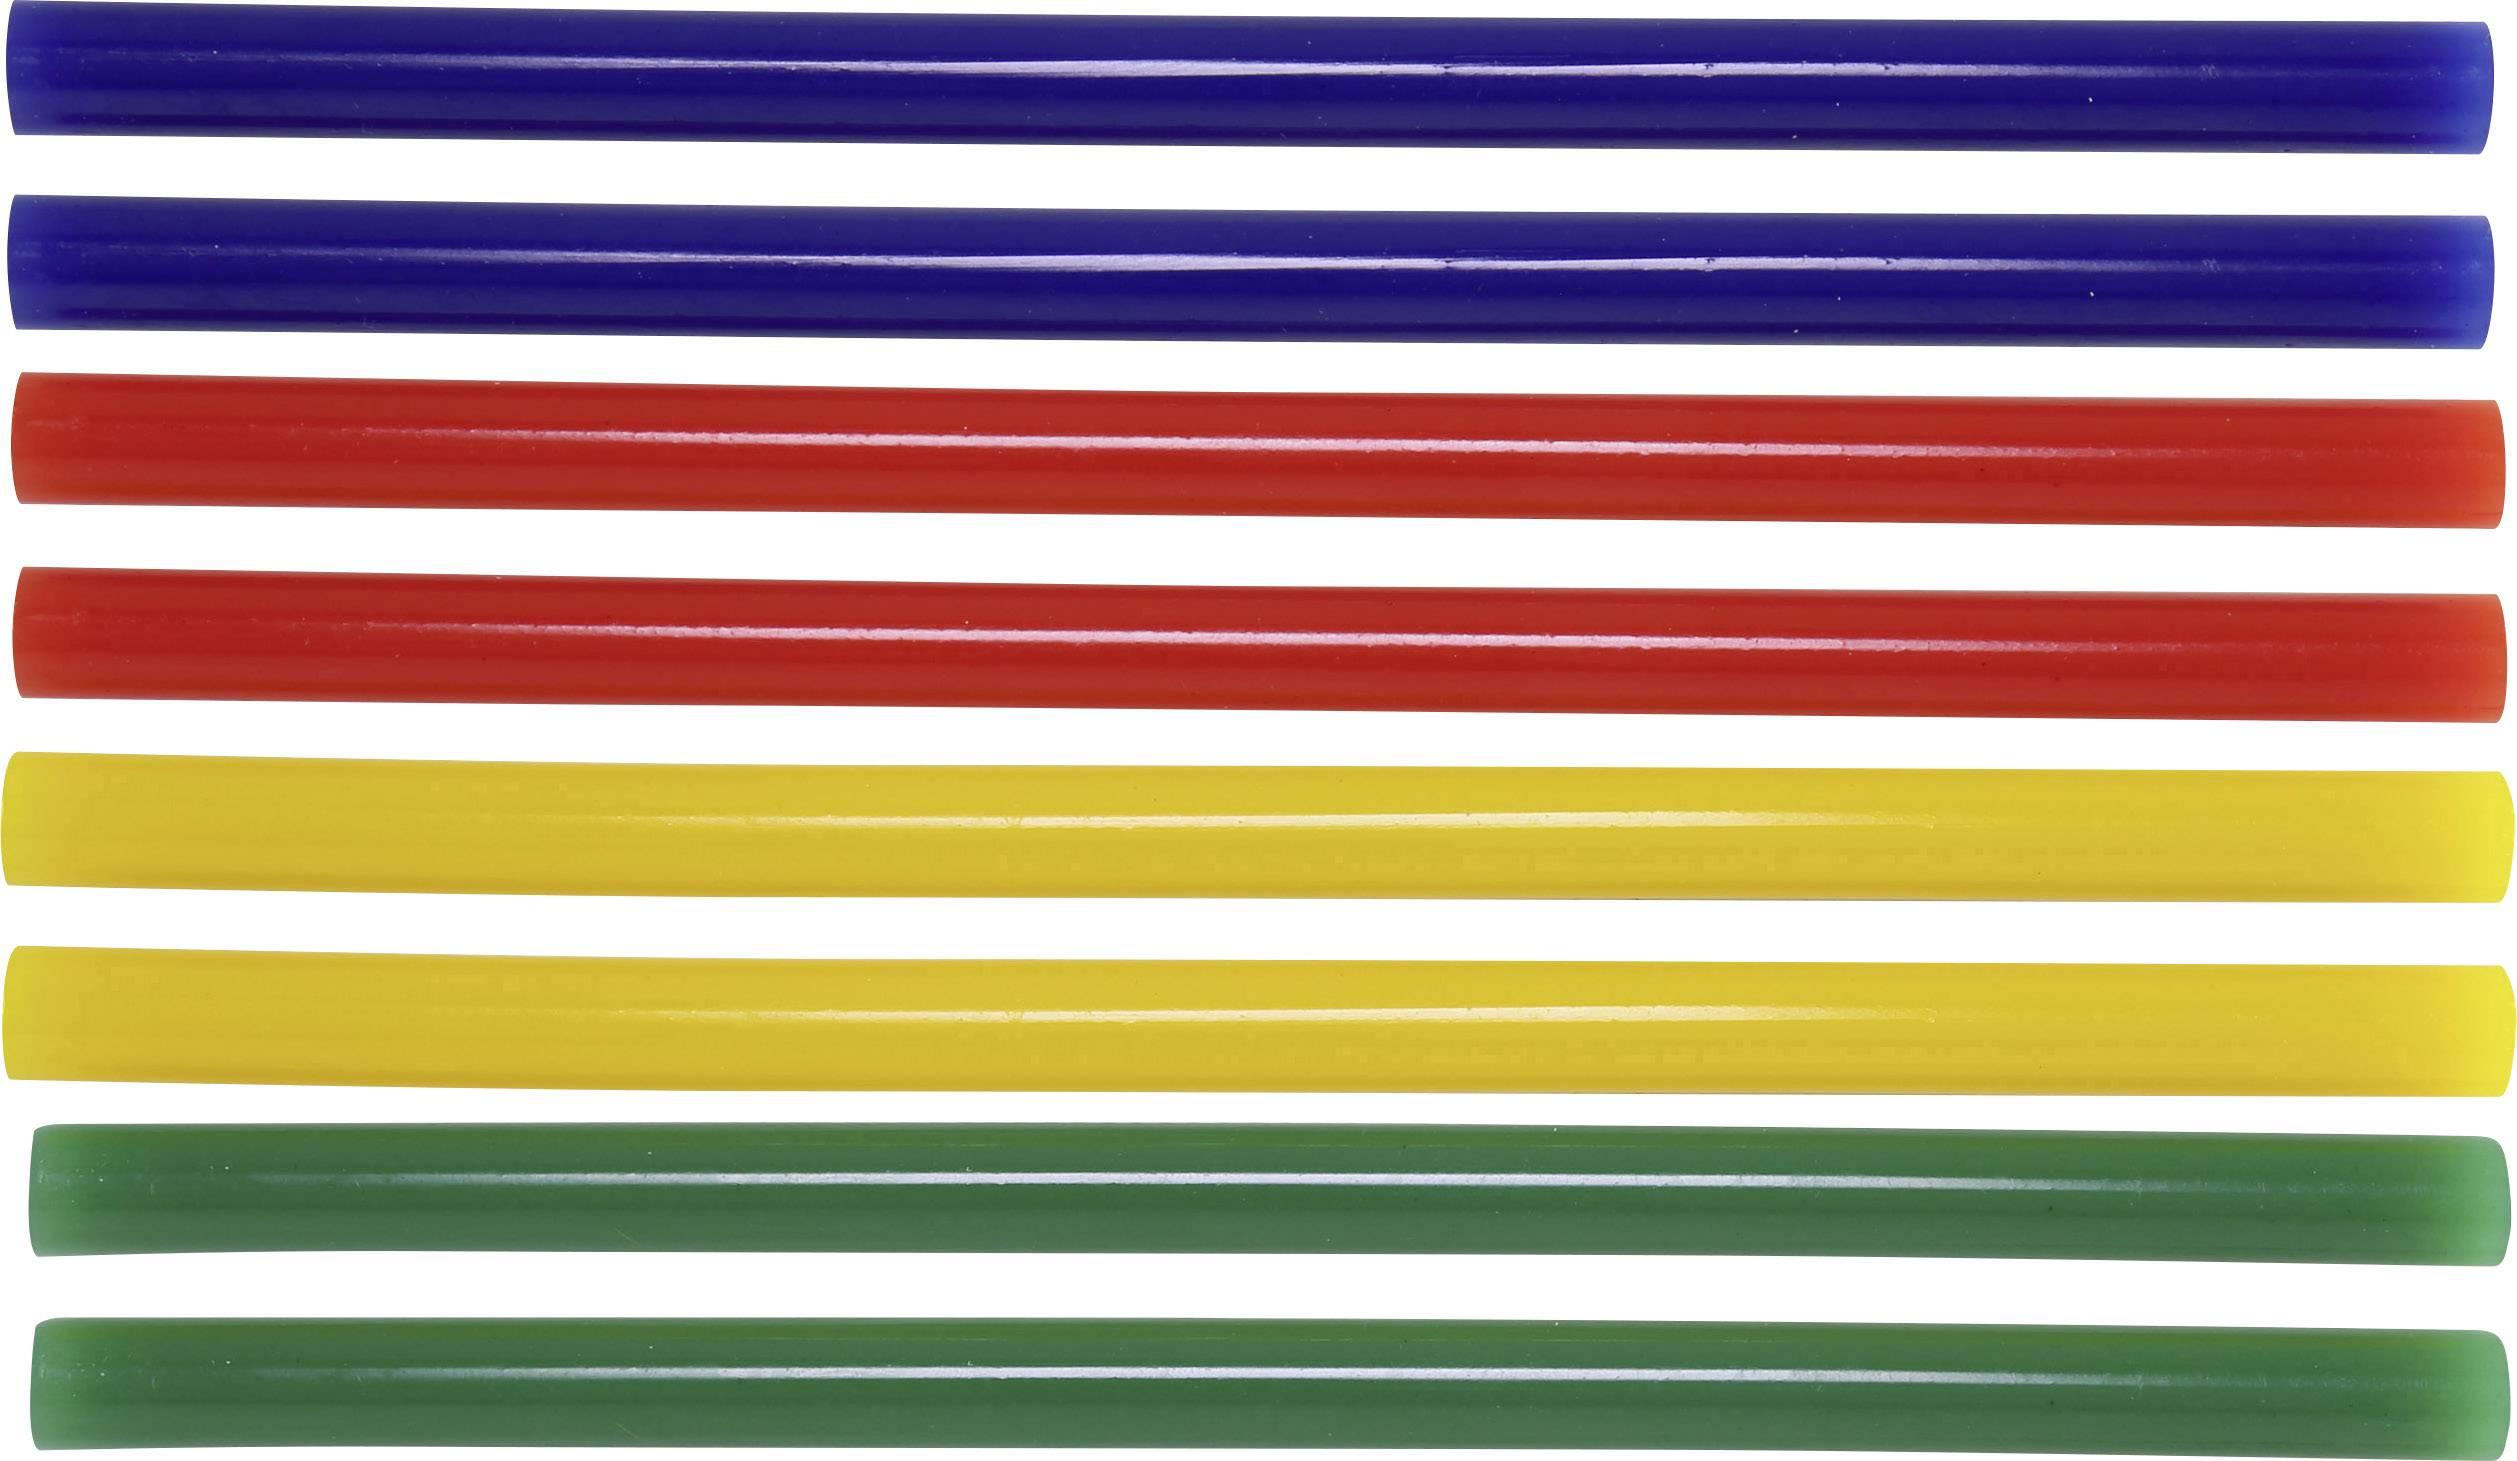 Lepicí tyčinky TOOLCRAFT TC-11200X8C 1586229, Ø 11 mm, délka 200 mm, 8 ks, žlutá, modrá, zelená, červená